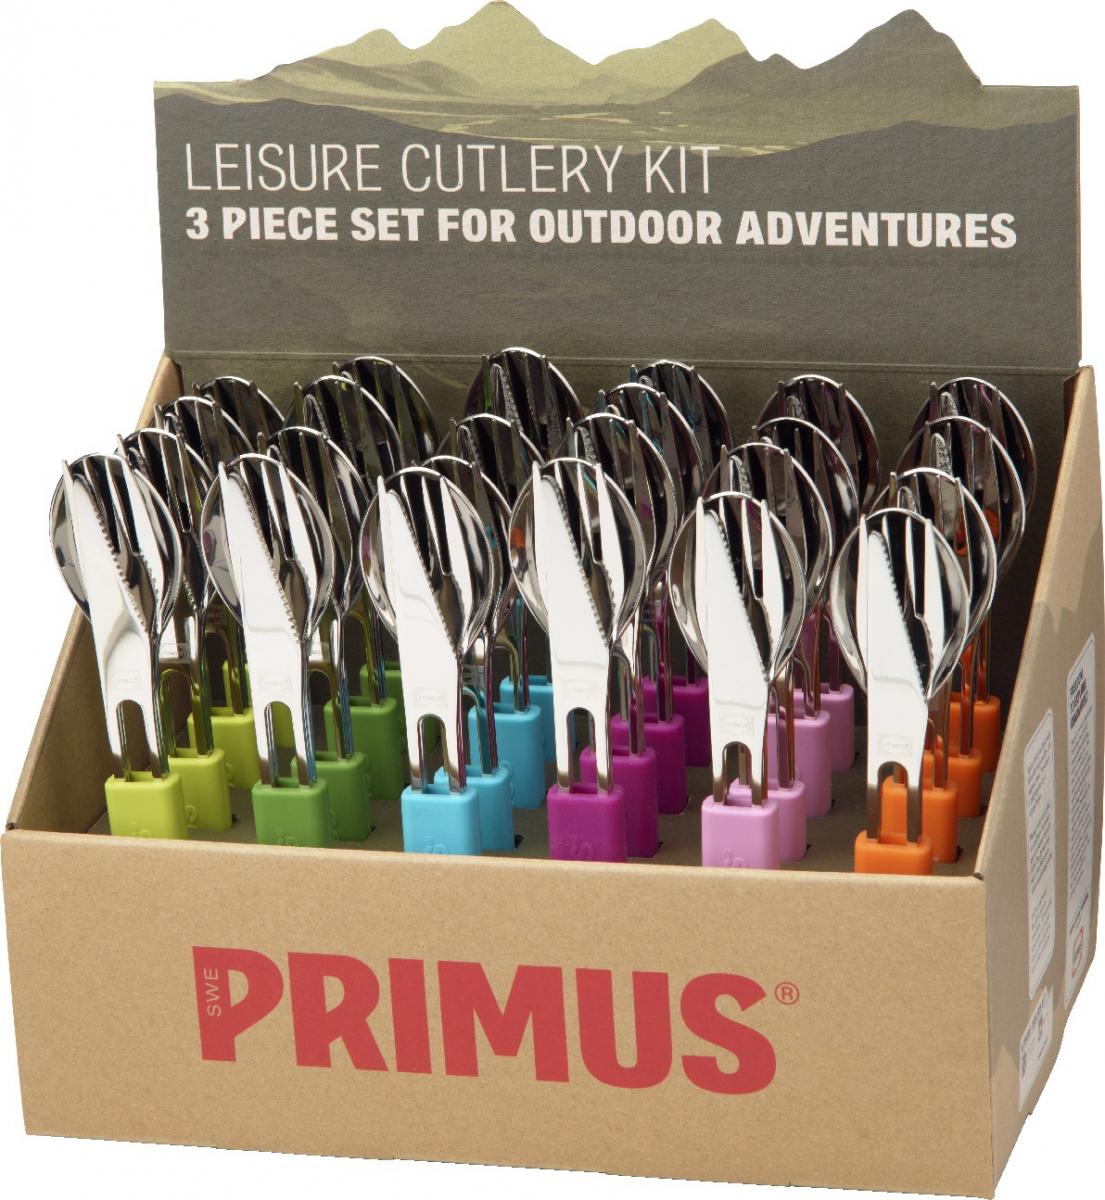 Набор столовых приборов Primus Leisure Cutlery, 72 предмета735440Столовые приборы Primus Leisure Cutlery выполнены из высококачественной нержавеющей стали.Набор включает в себя ложки, вилки и ножи. Этот компактный набор подойдет всем, ктопутешествует, ходит в походы, отдыхает в кемпинге.Фиксатор из разноцветного силикона удерживает предметы вместе. Предметы удобно лежат вруке и имеют легкий вес.В комплект входят 24 набора по три предмета в каждом.